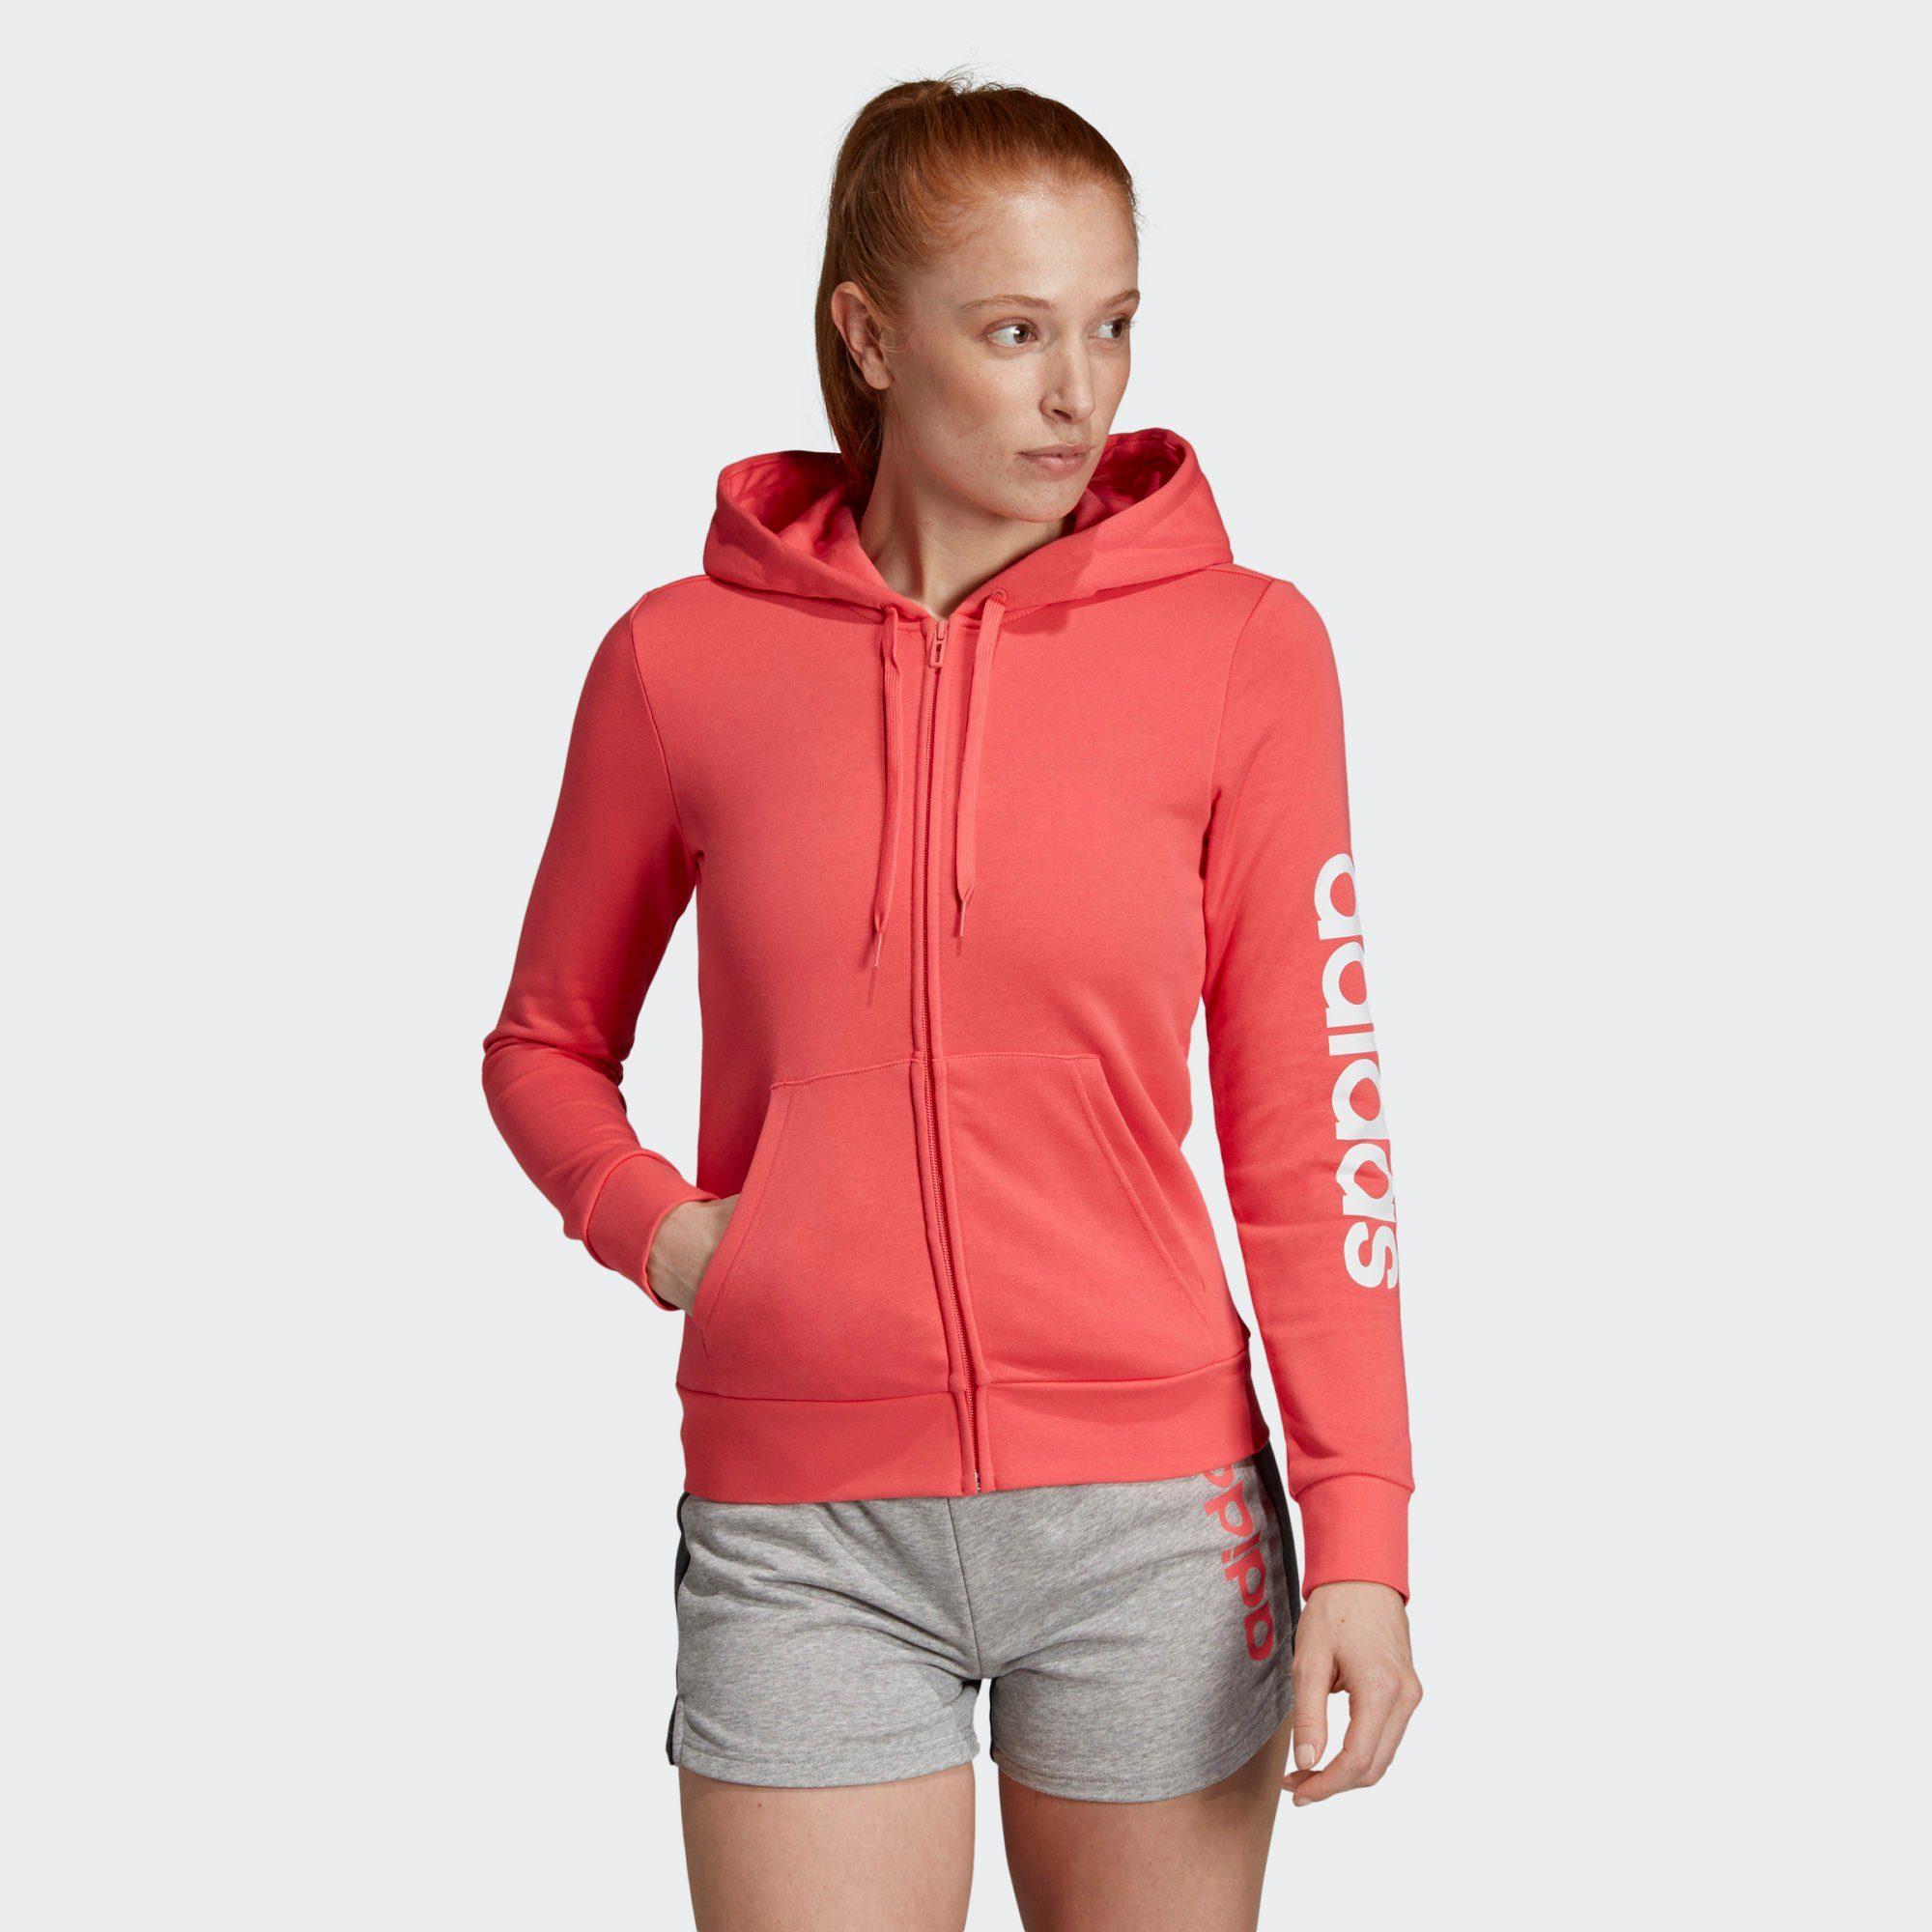 adidas Performance Sweatjacke »Essentials Linear Kapuzenjacke« Essentials online kaufen | OTTO